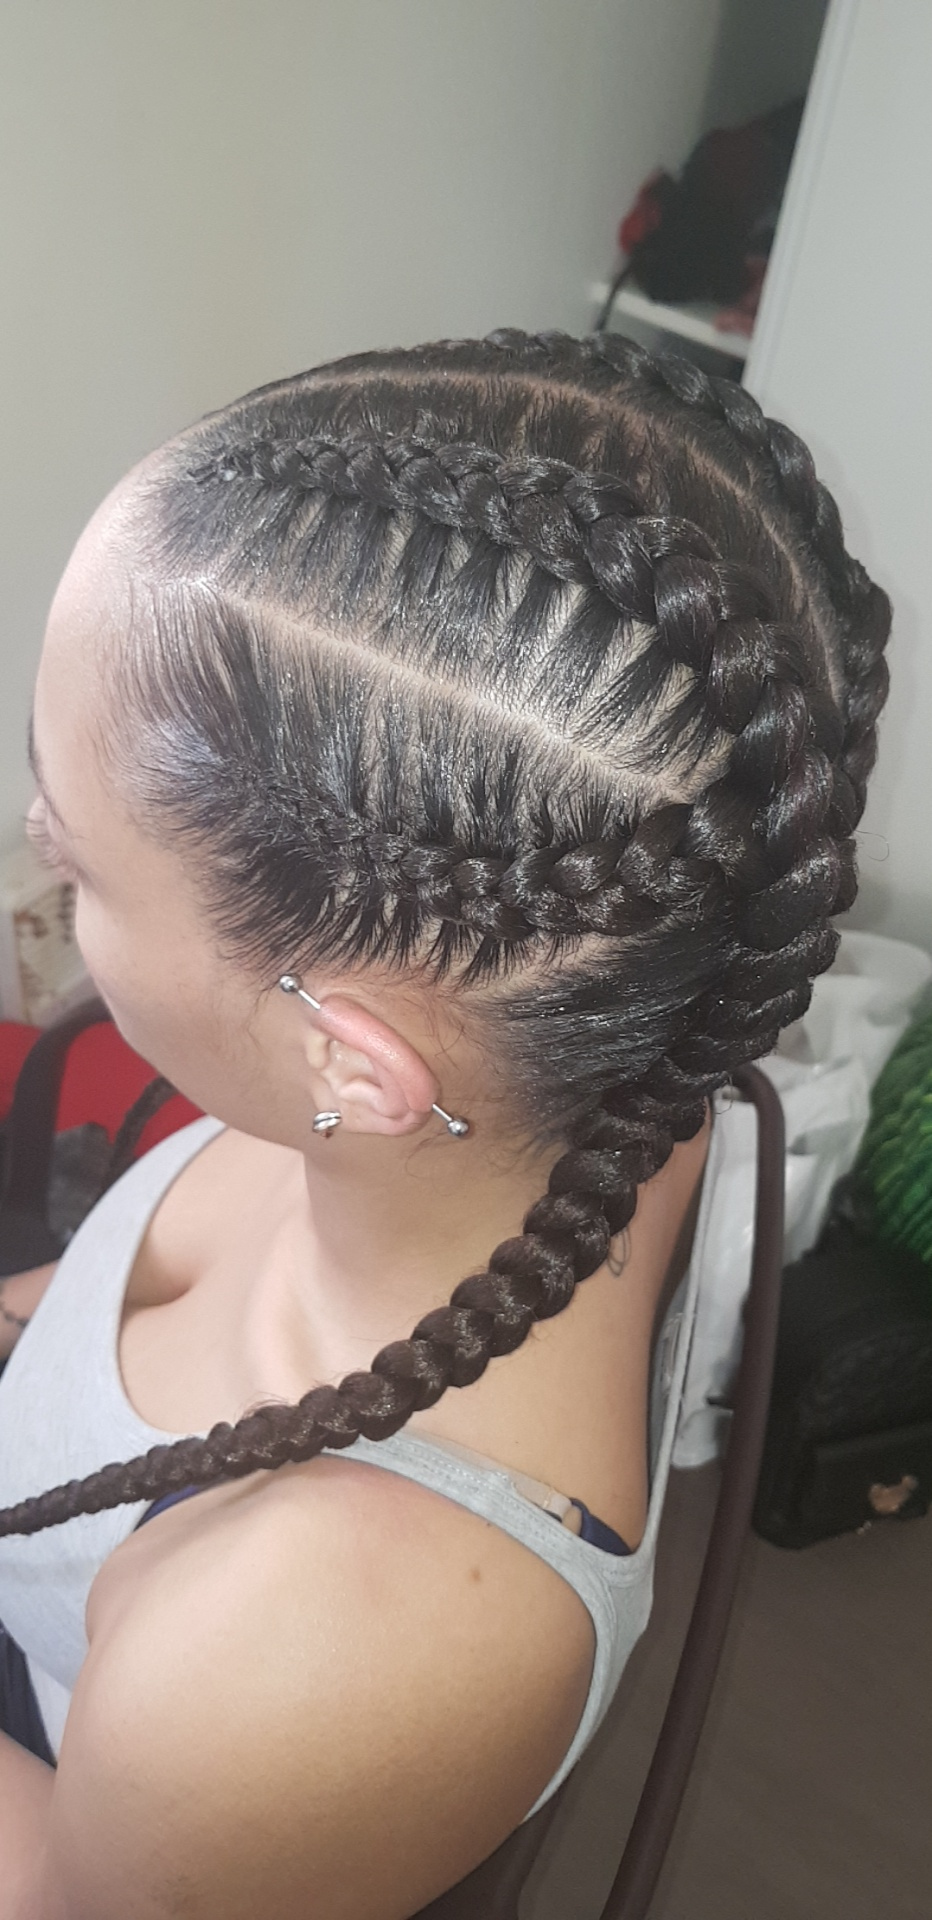 salon de coiffure afro tresse tresses box braids crochet braids vanilles tissages paris 75 77 78 91 92 93 94 95 OMKGBZCK